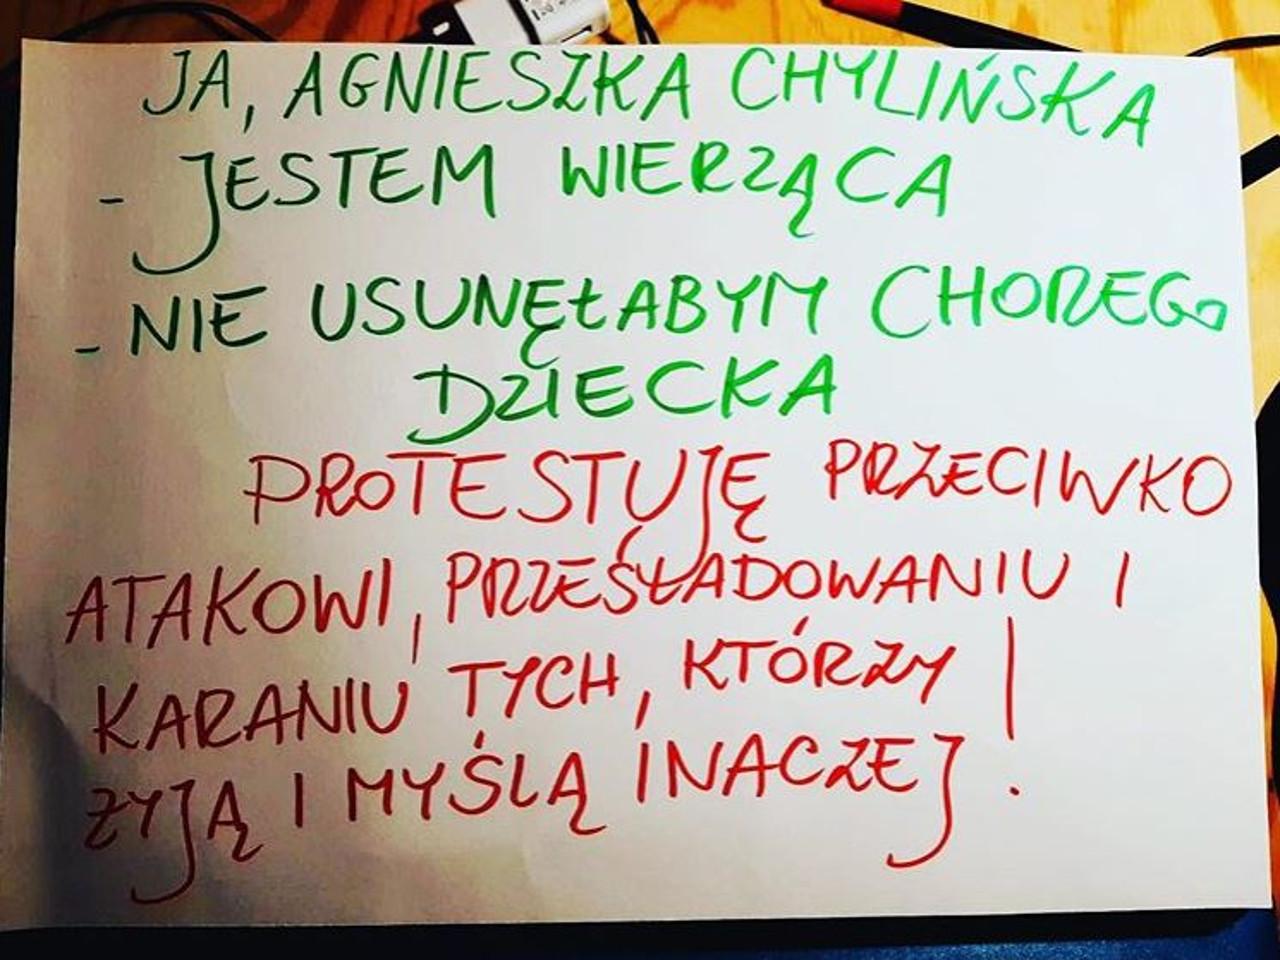 Agnieszka Chylińska zrobiła transparent nawiązując do wyroku TK.